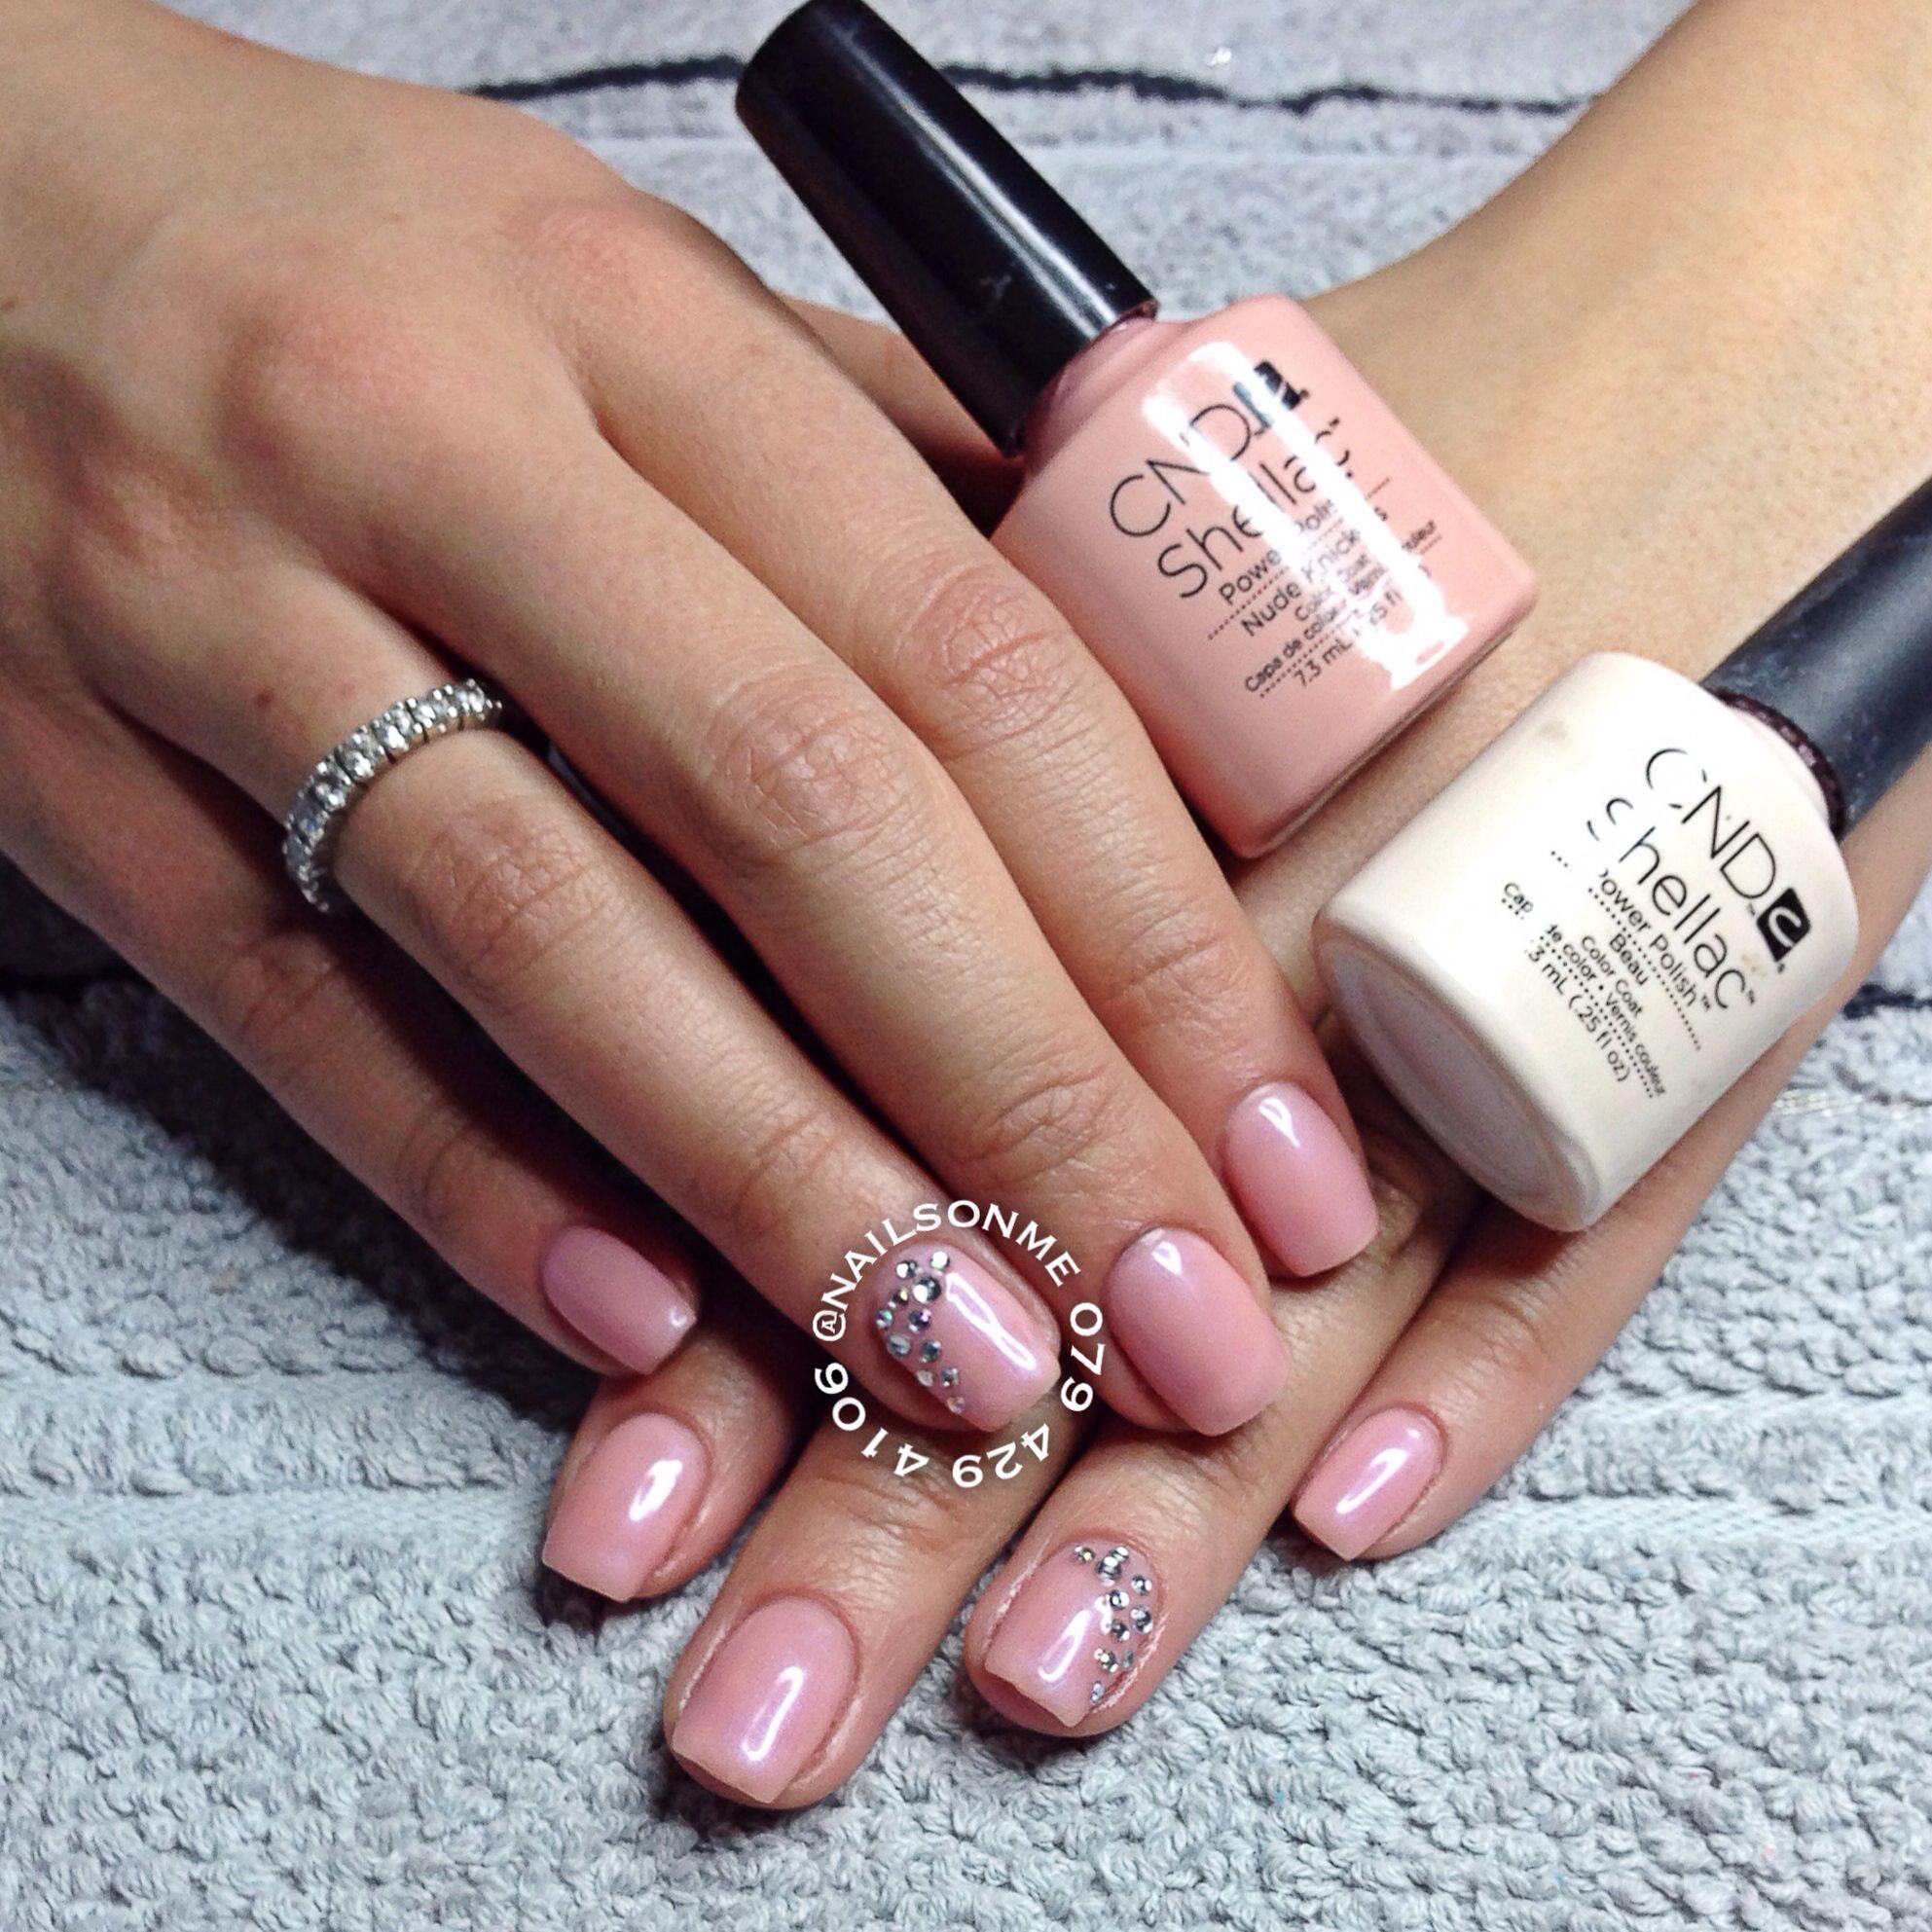 Shellac nails | Gel and Shellac Nails | Pinterest | Shellac nails